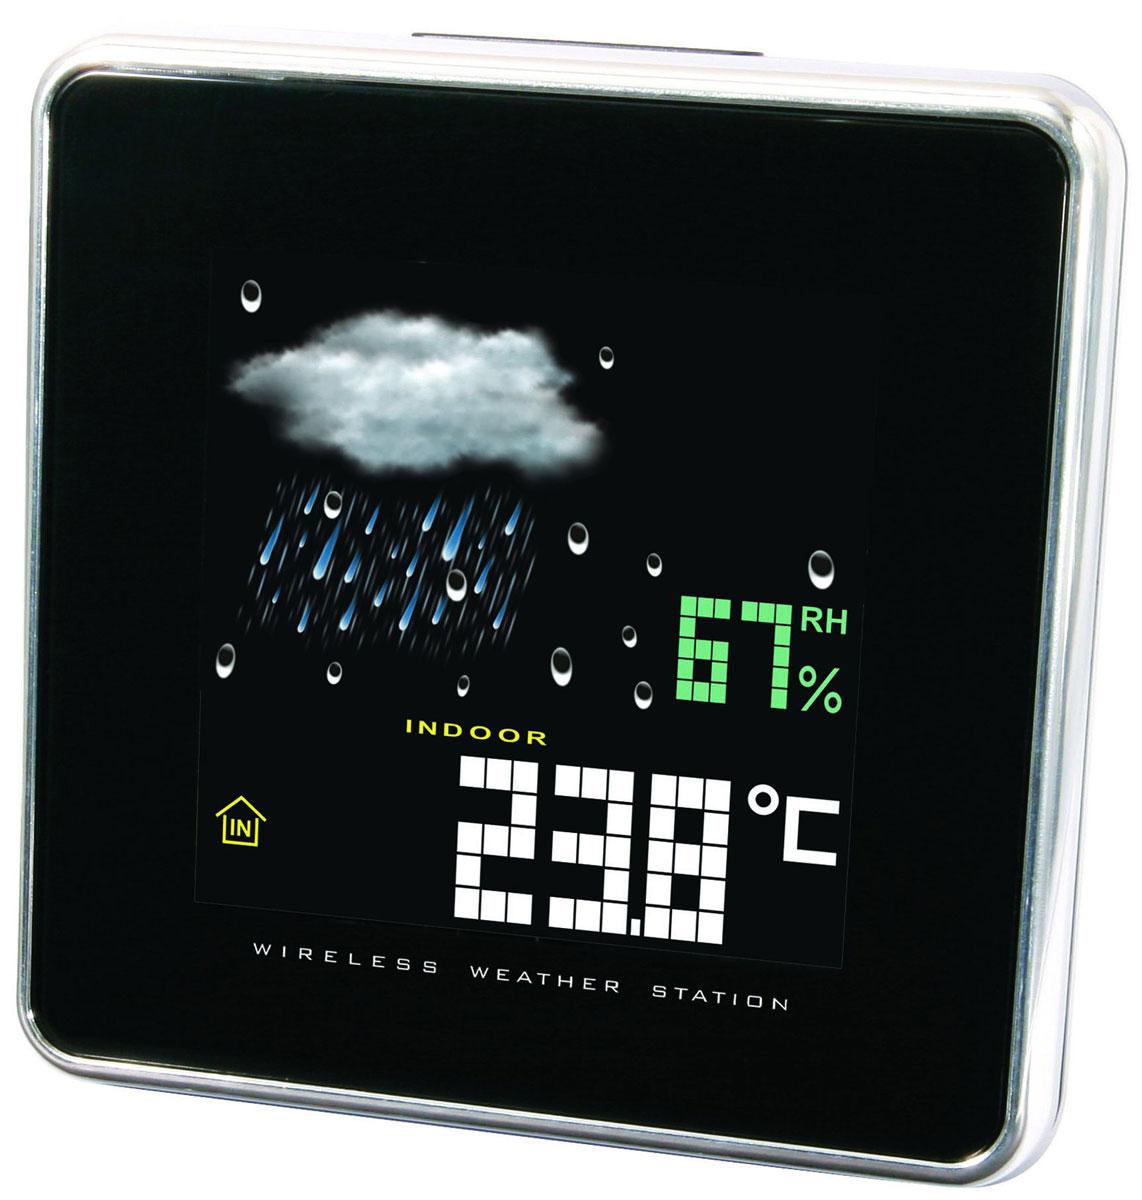 Uniel UTV-64 метеостанцияUTV-64Хотите утром узнать прогноз погоды, не вставая с кровати? Компактная настольная метеостанция Uniel UTV-64 станет отличным приобретением! Гаджет оснащен анимированным дисплеем, на котором отображается информация о температуре за окном, наличии или отсутствии осадков, об атмосферном давлении и даже уровне относительной влажности. Более того, метеостанция оснащена часами, будильником и календарем. Компактные размеры Метеостанция с беспроводным датчиком Цветной ЖК дисплей Высокоточный барометр Измерение комнатной температуры и влажности Трехканальный беспроводной датчик измерения температуры и влажности Анимированный прогноз погоды Часы с 12/24 форматом времени